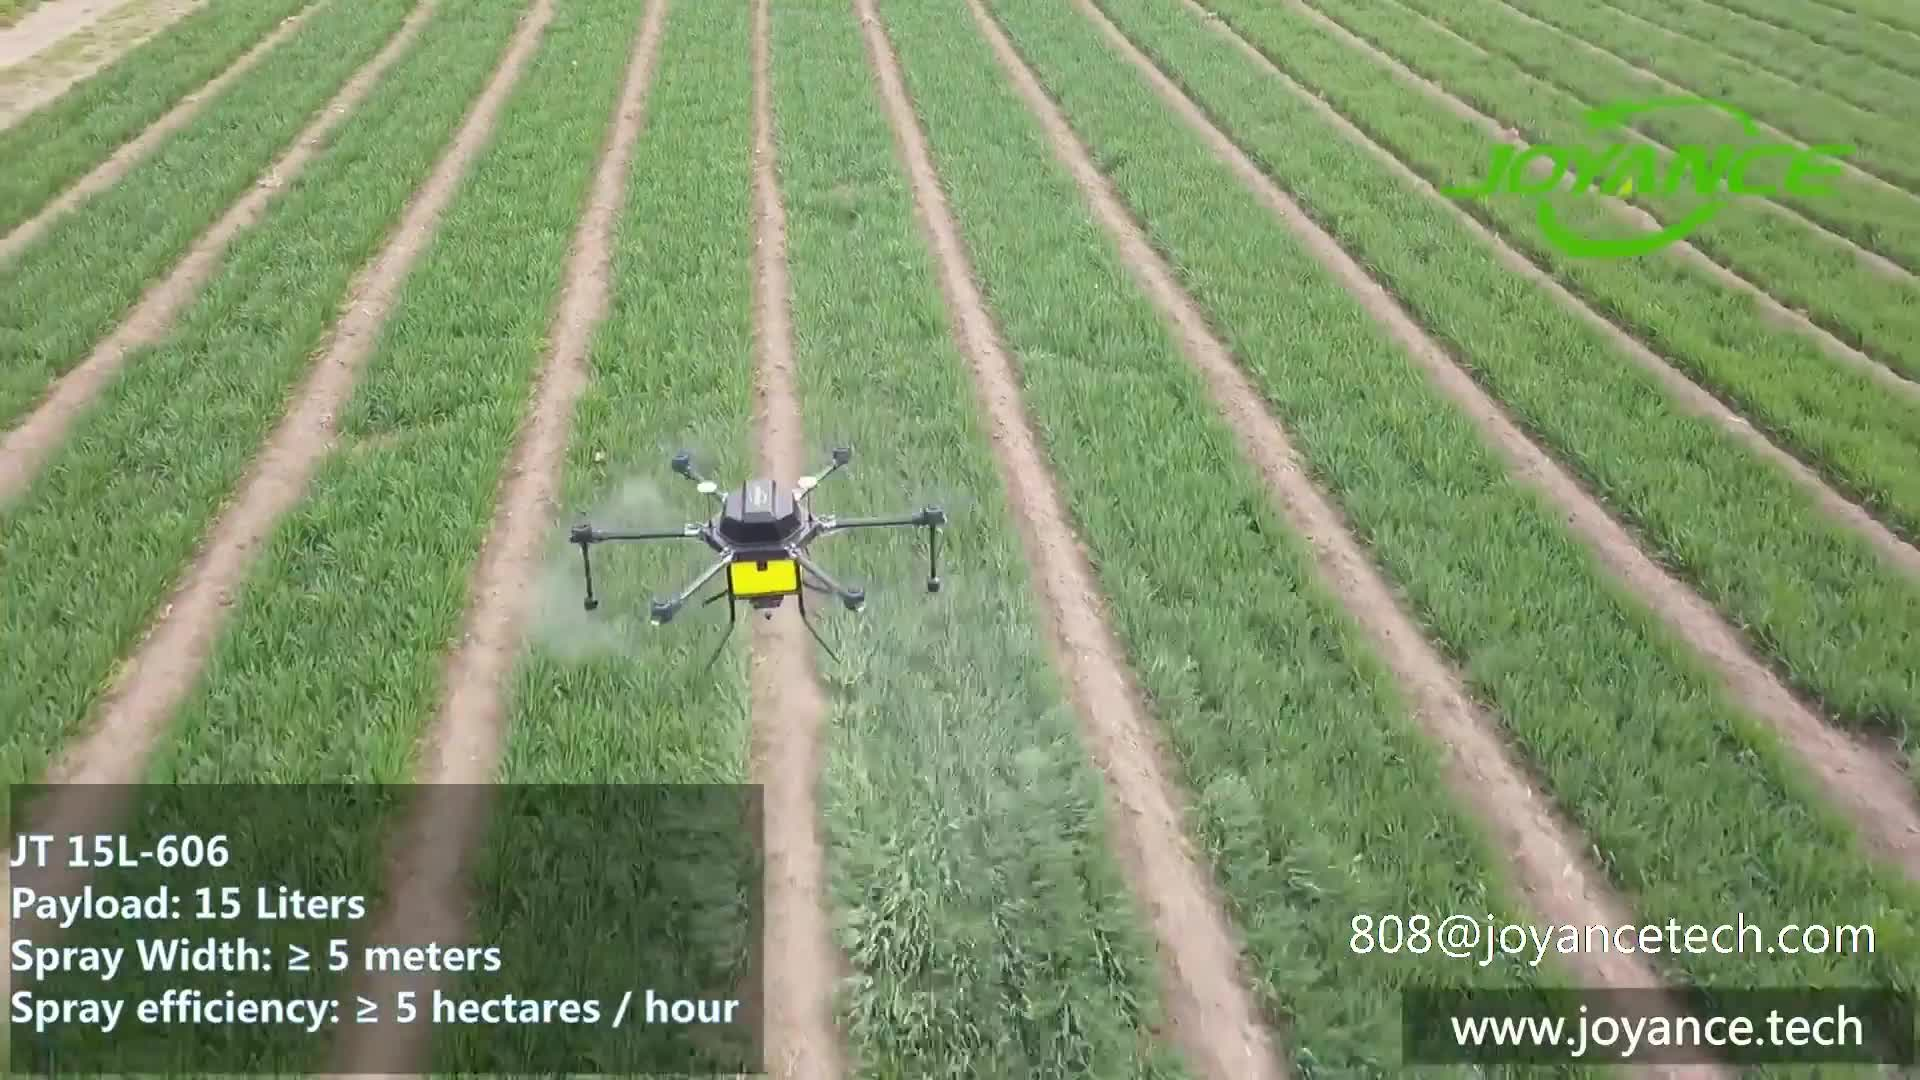 Dron デ fumigacion デ 15L/dron パラ fumigar とスマート農業センサー/rc ドローン噴霧器中国製